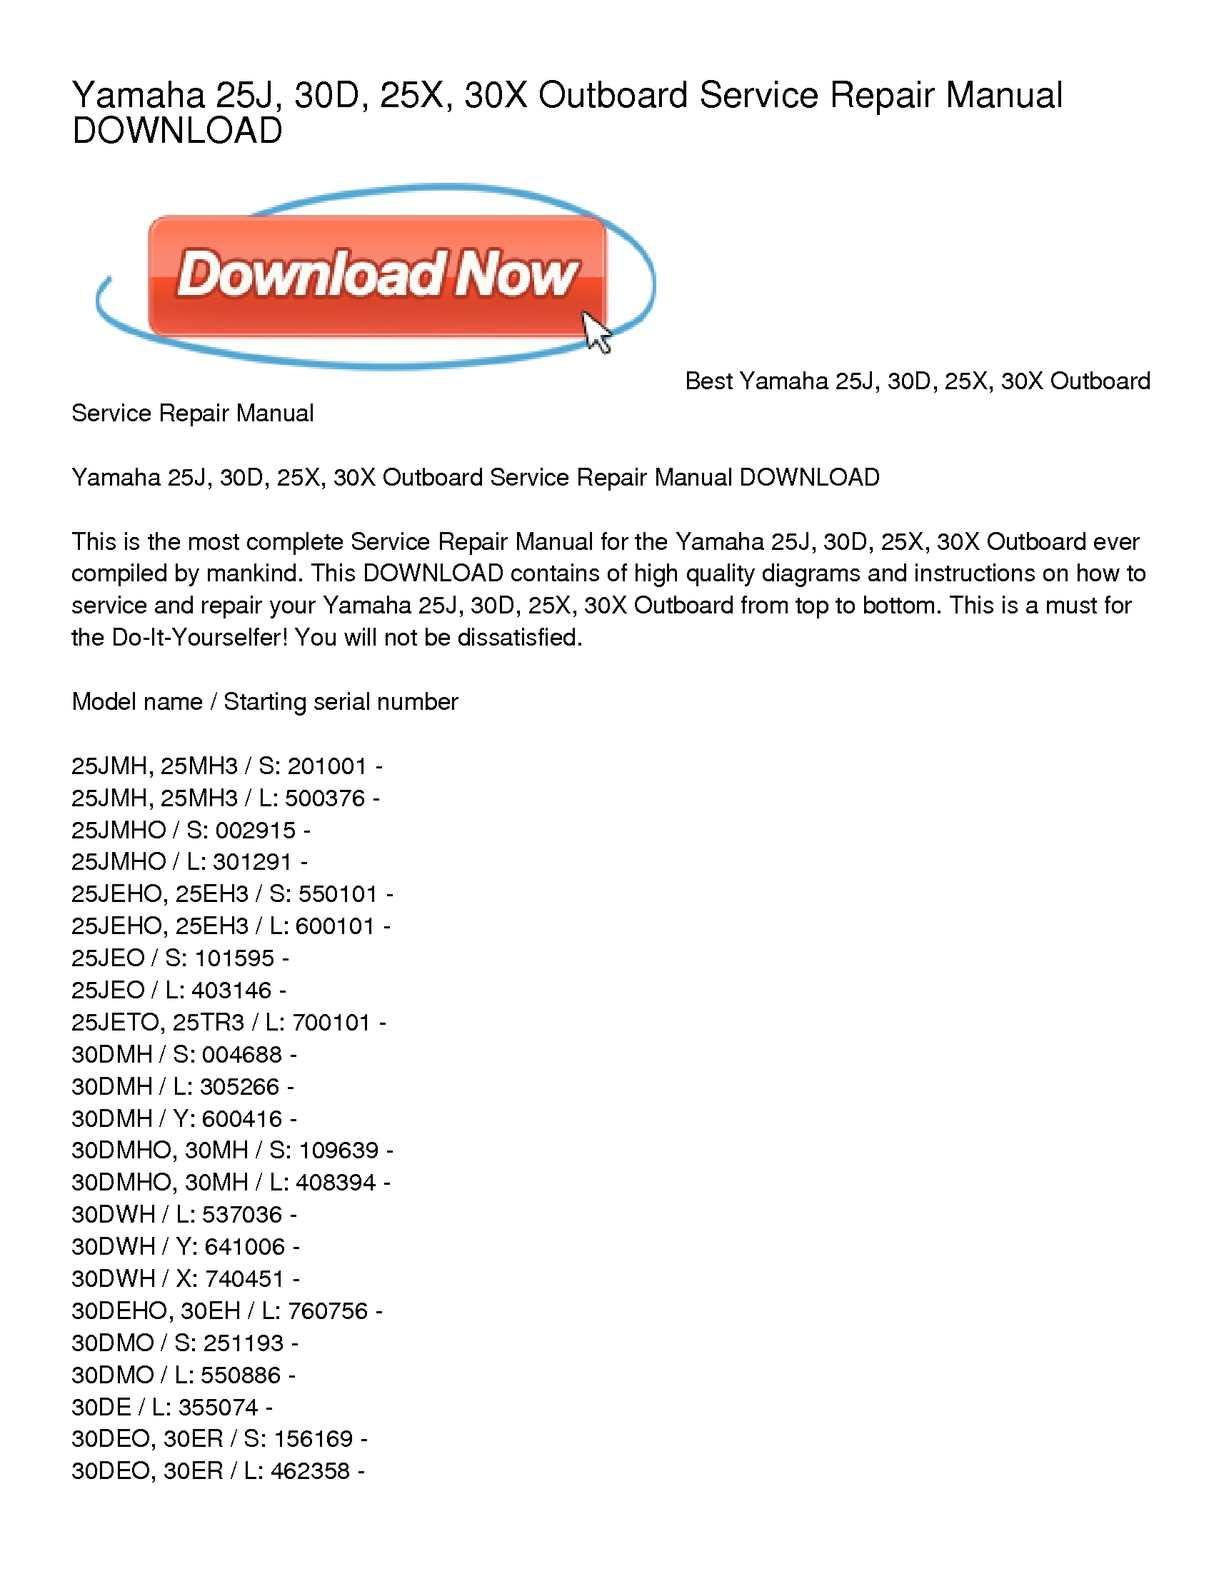 Calaméo - Yamaha 25J, 30D, 25X, 30X Outboard Service Repair Manual DOWNLOAD